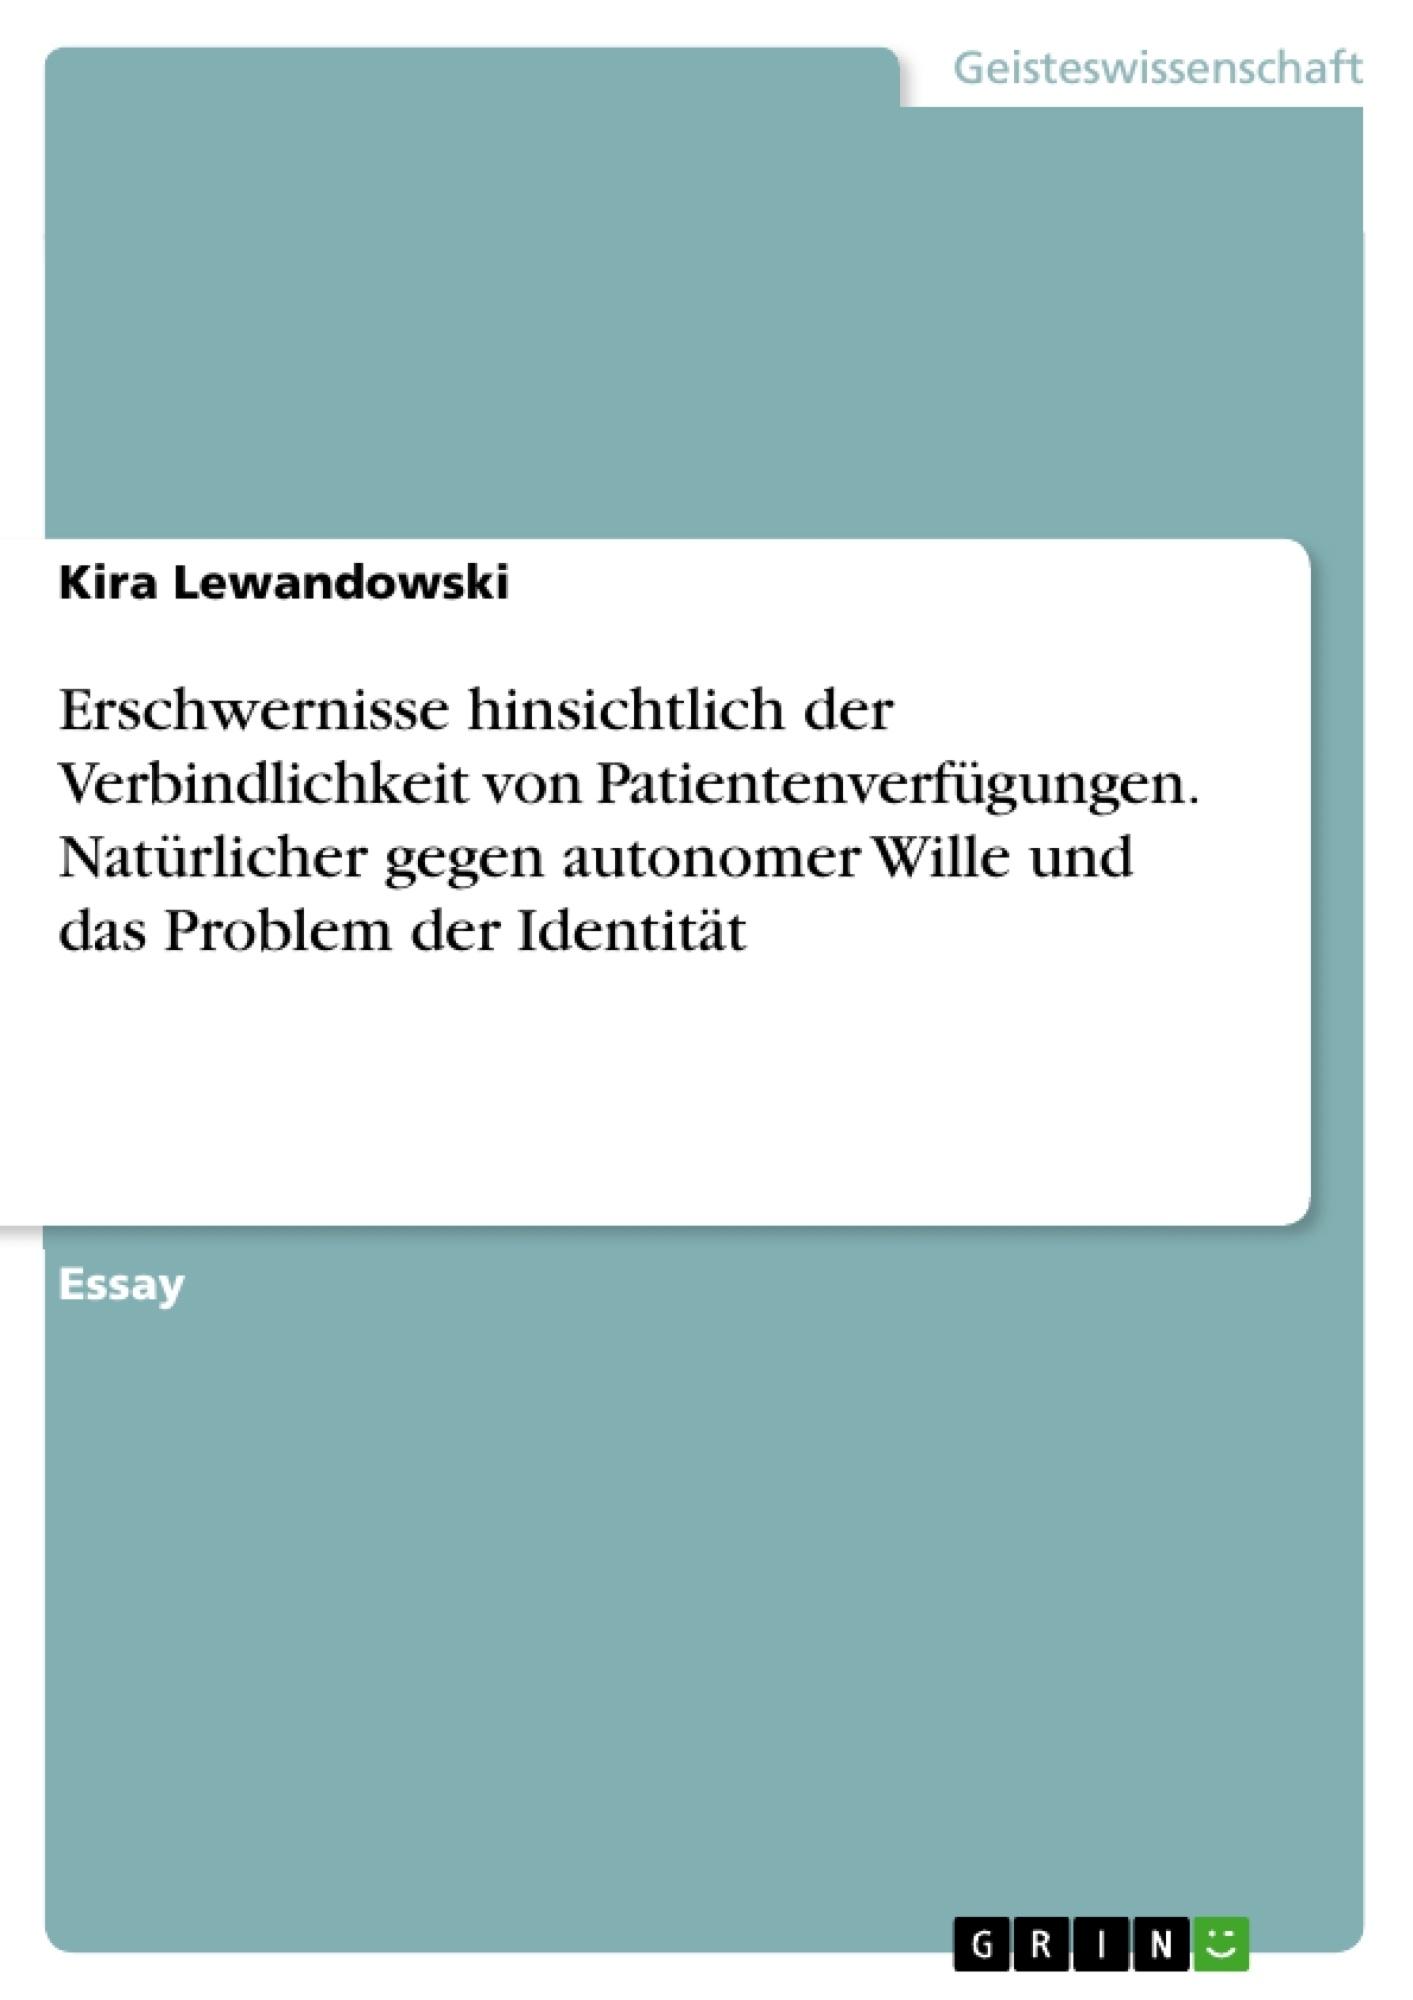 Titel: Erschwernisse hinsichtlich der Verbindlichkeit von Patientenverfügungen. Natürlicher gegen autonomer Wille und das Problem der Identität